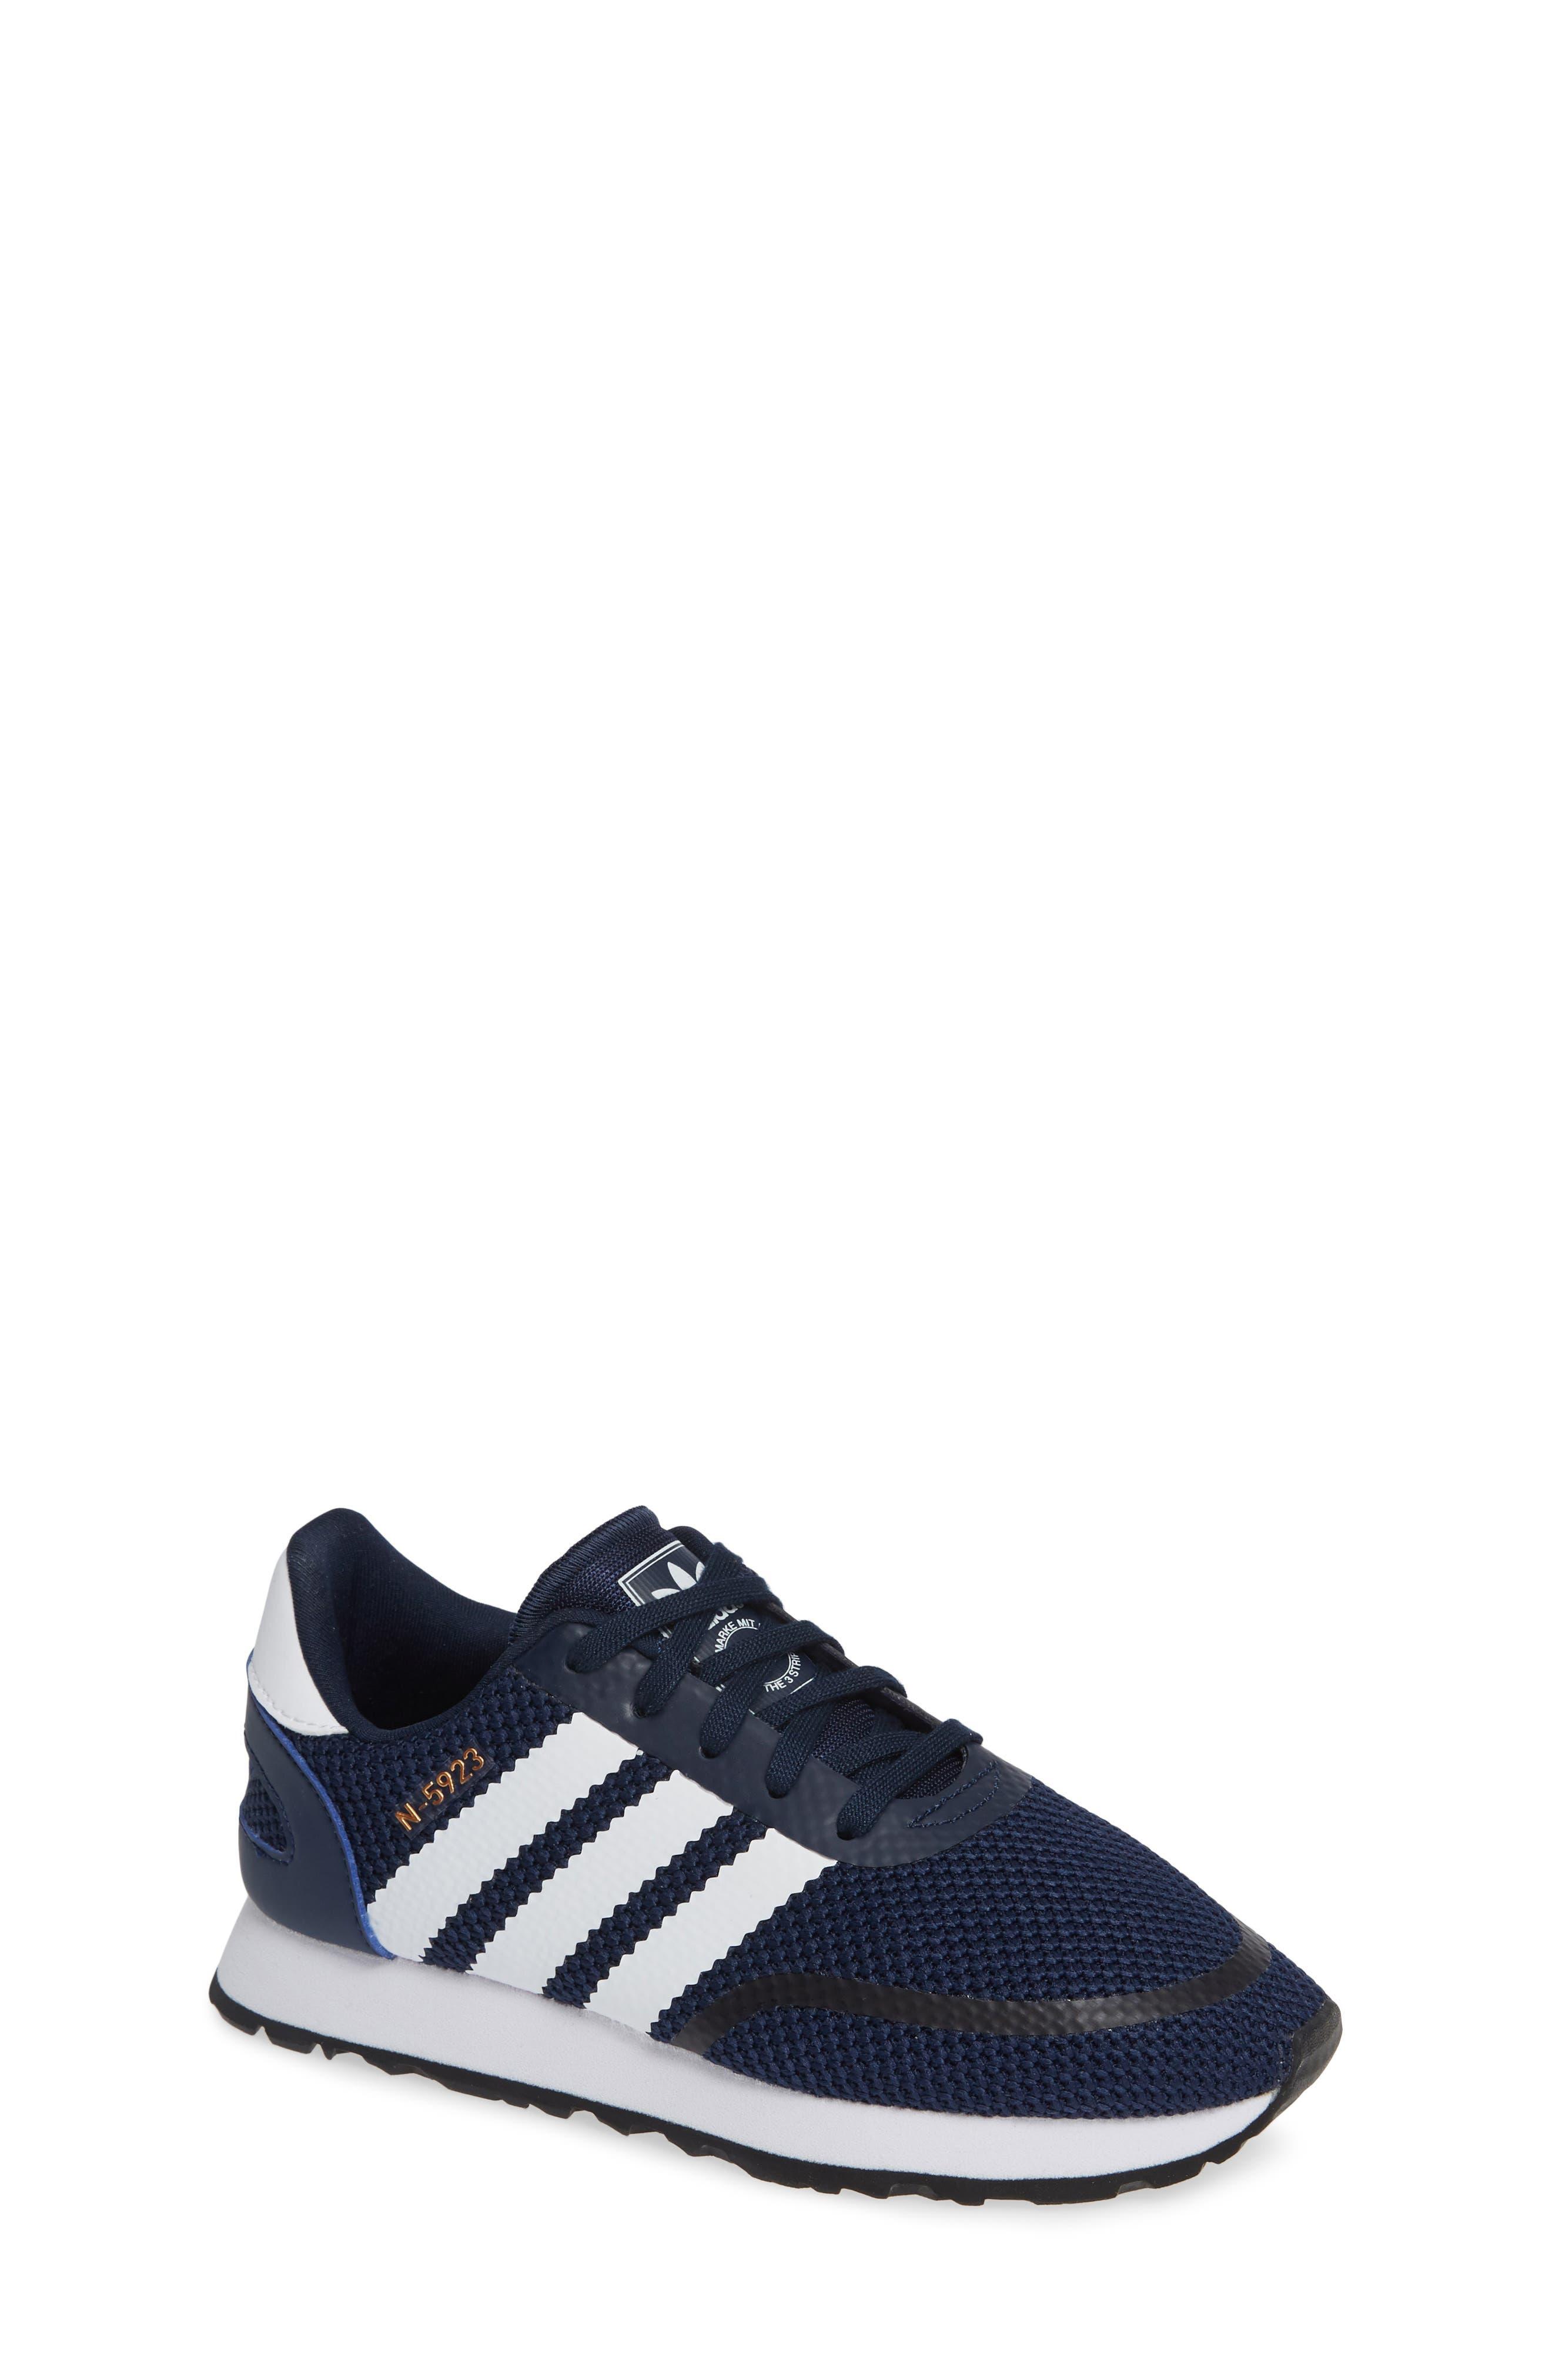 N-5923 Classic Sneaker, Main, color, 400